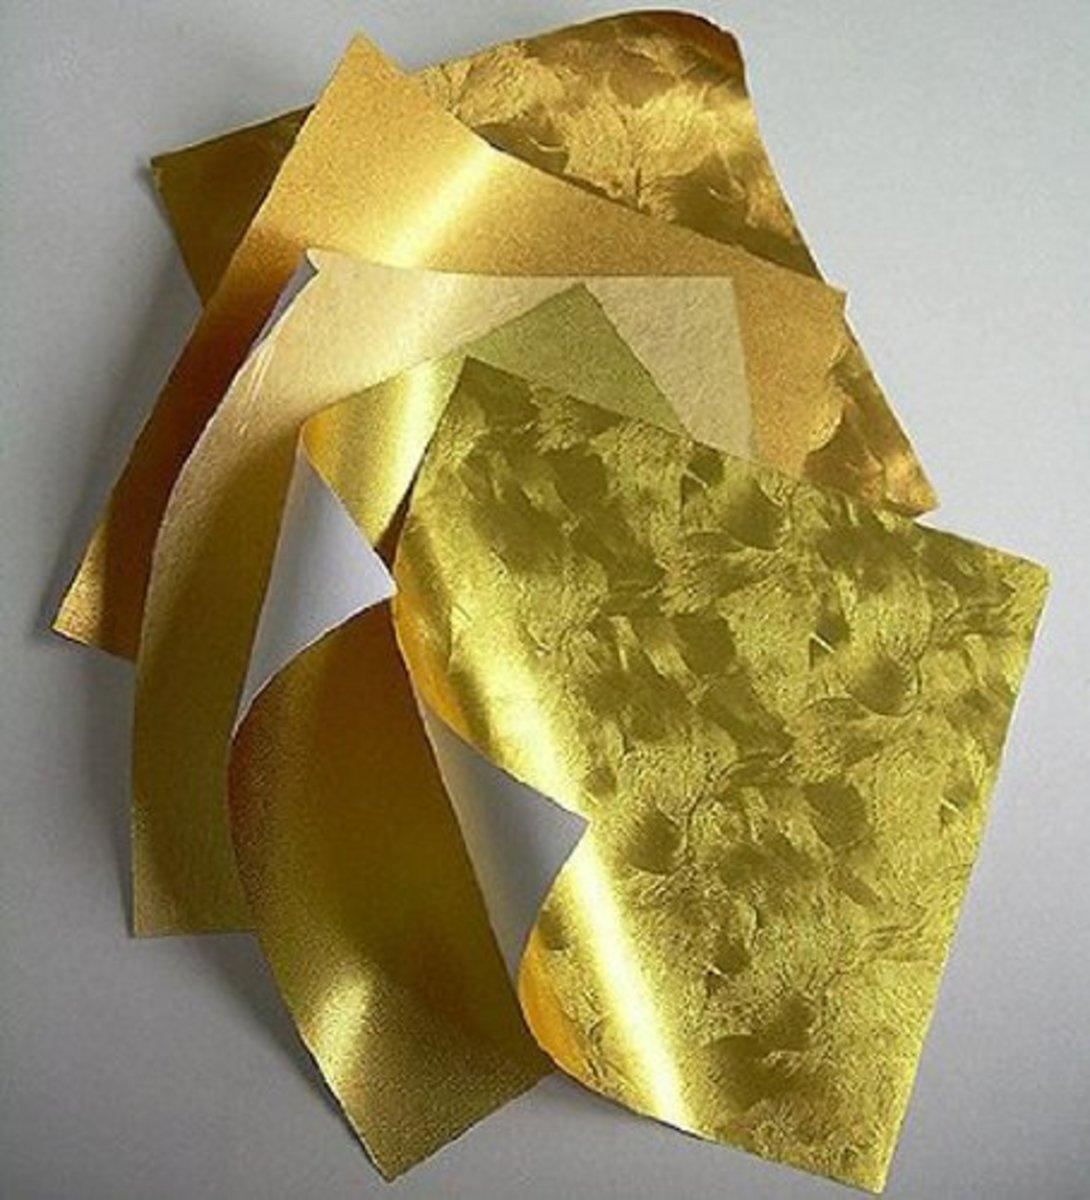 Origami Paper Sheets Gold Metallic Assortment